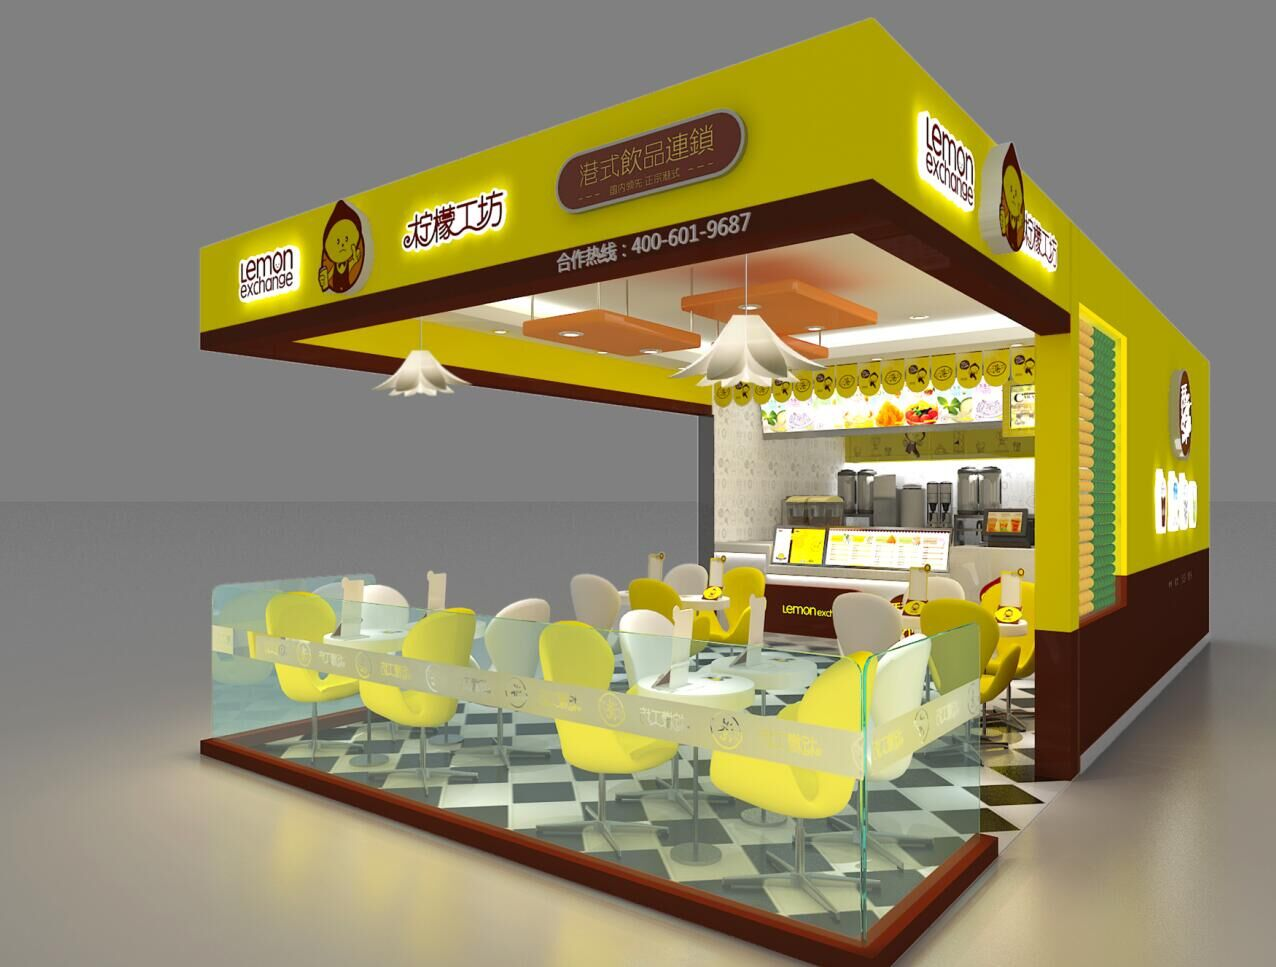 衡阳奶茶加盟店排行榜 柠檬工坊无需经验 1-3人开店